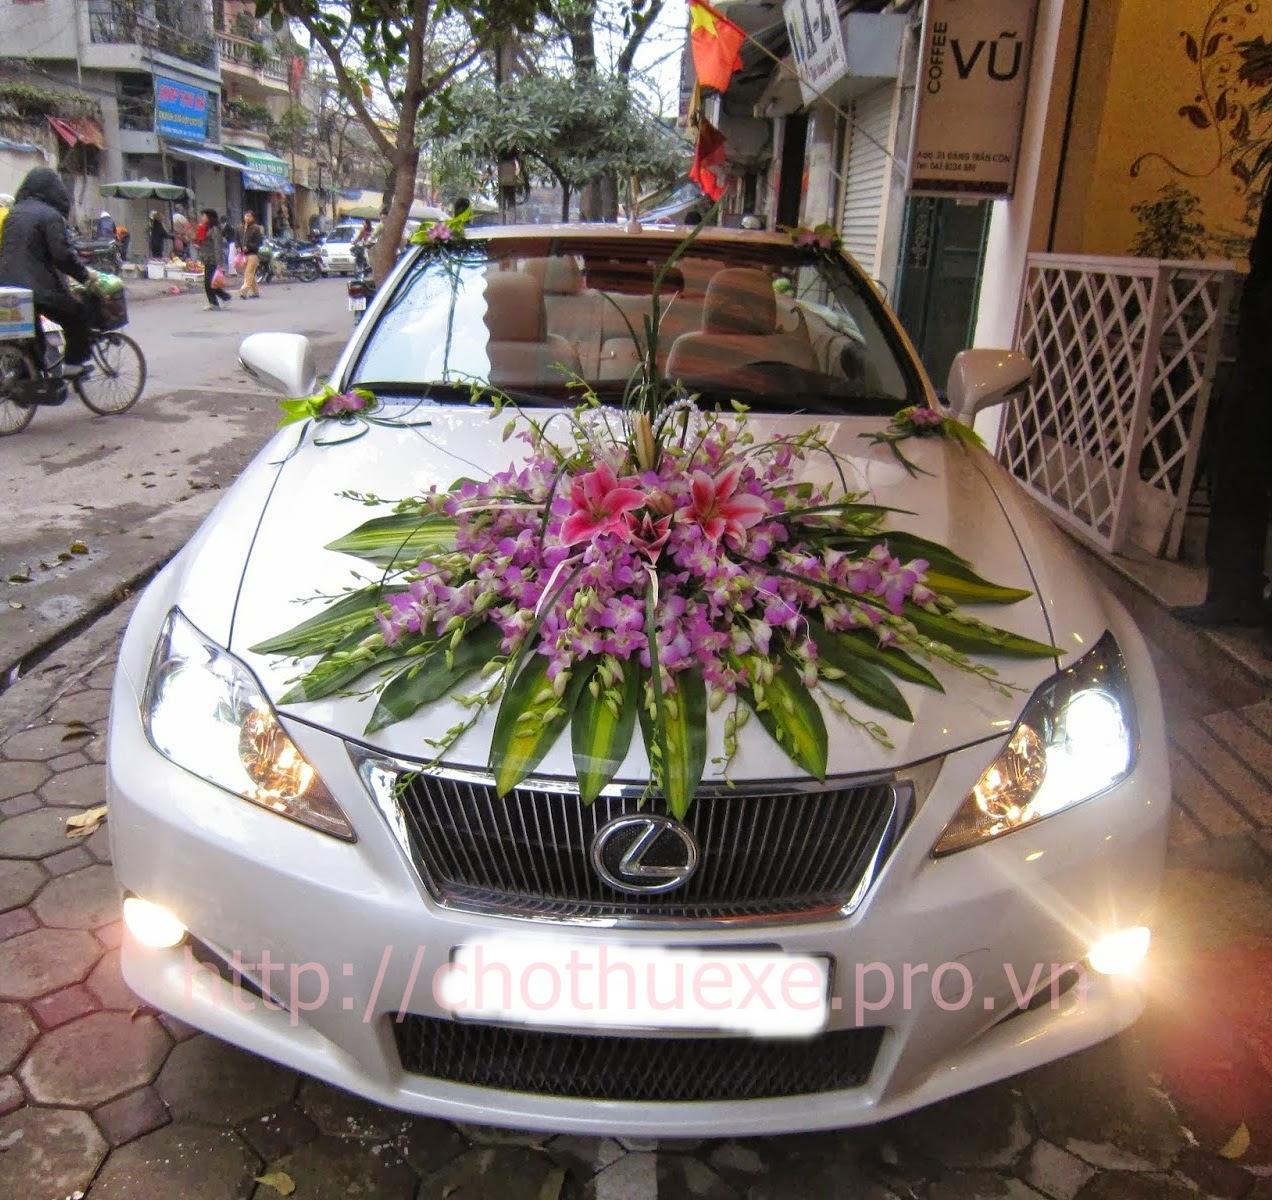 Cho thuê xe cưới mui trần Lexus IS 250C giá ưu đãi tại Hà Nội